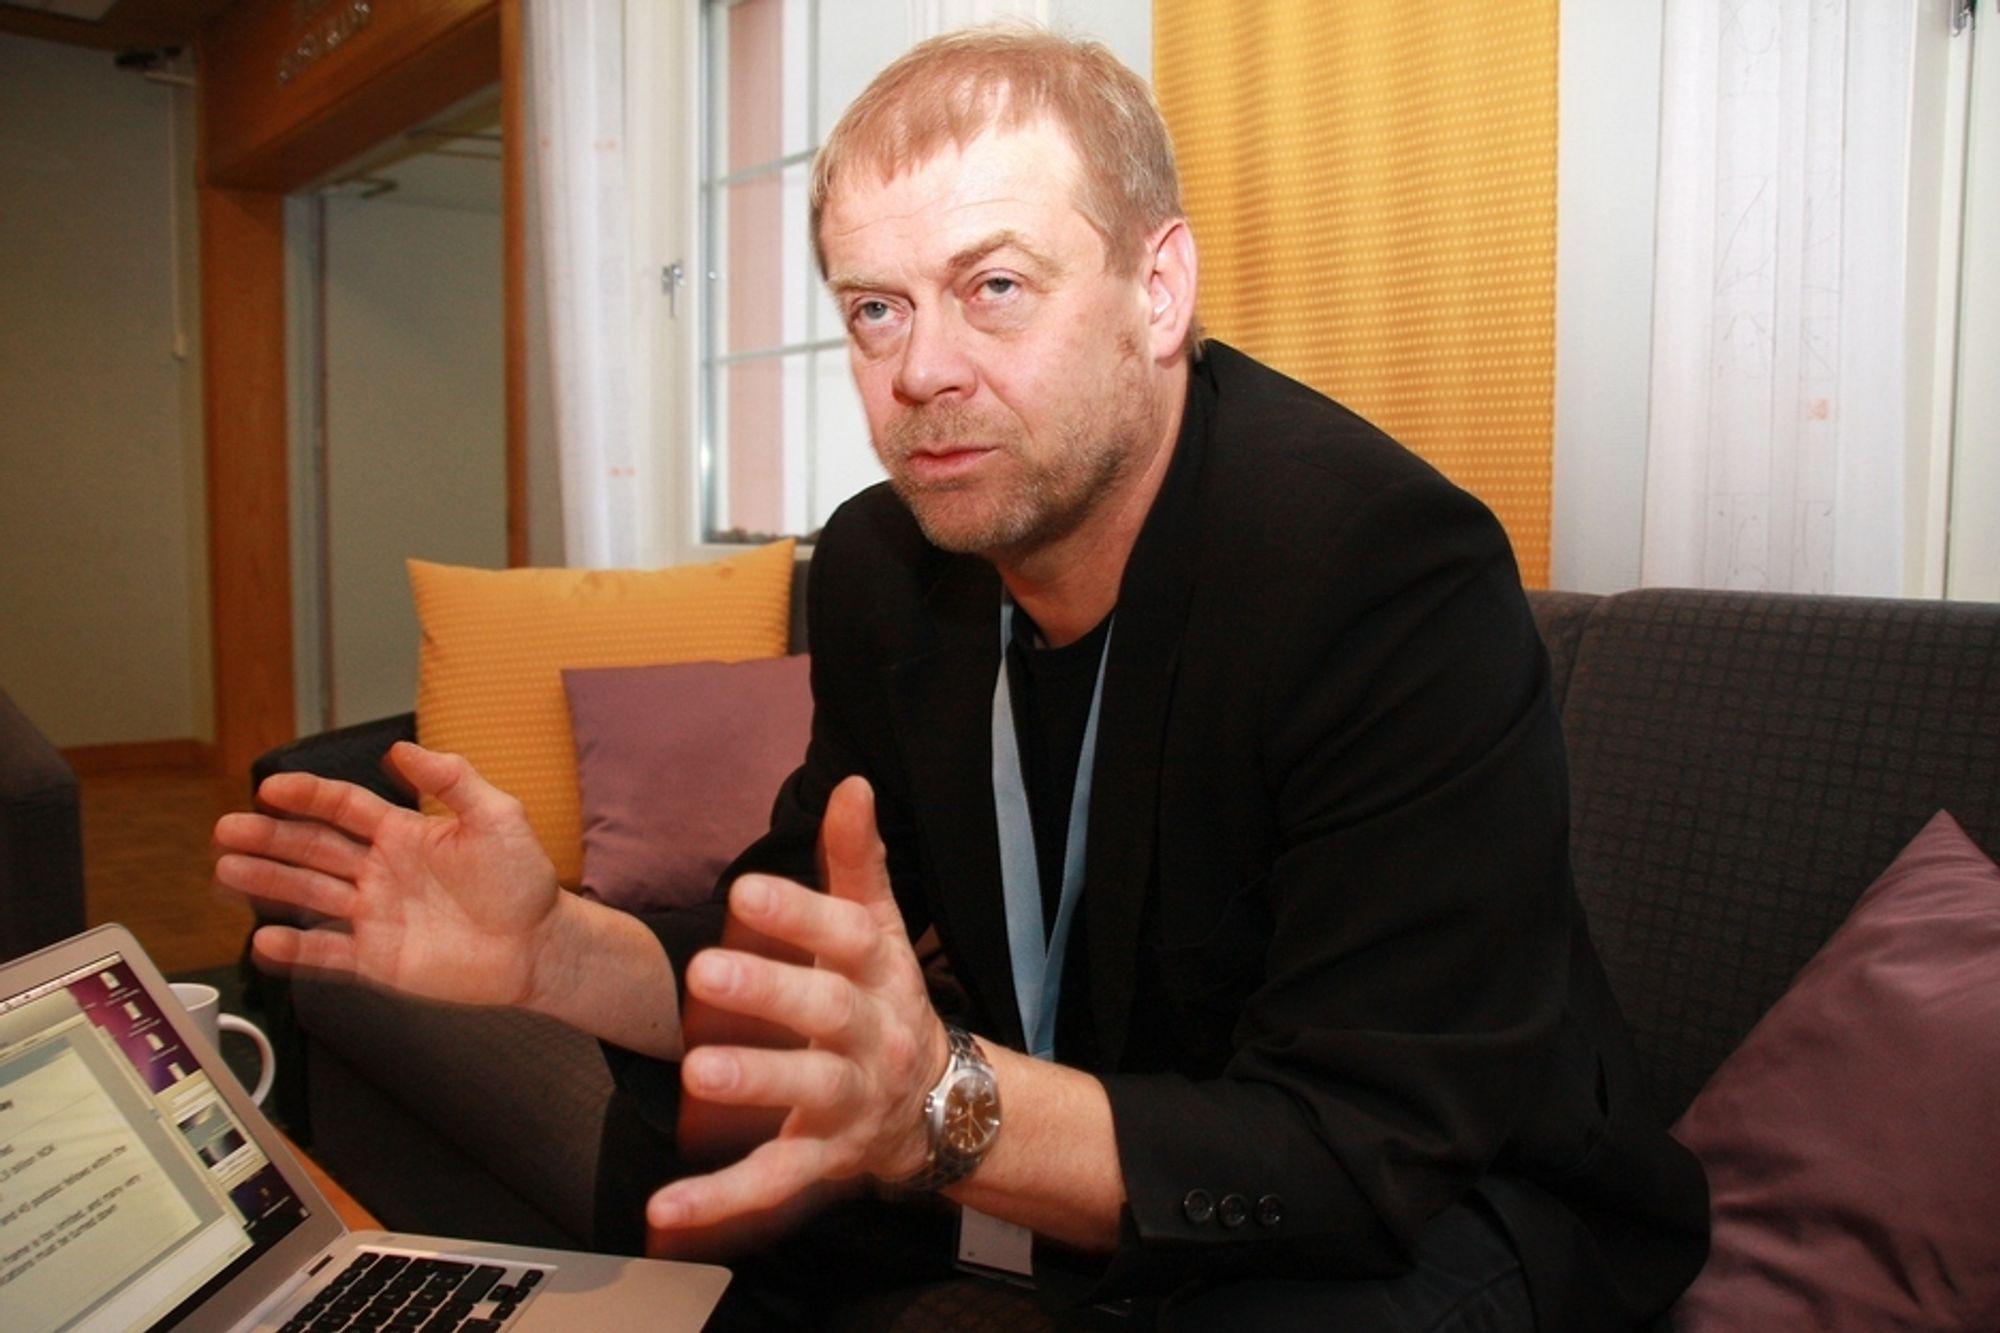 ENGSTELIG: Torbjørn Svendsen frykter at norsk IT-forskning stopper opp på grunn av pengetørke.